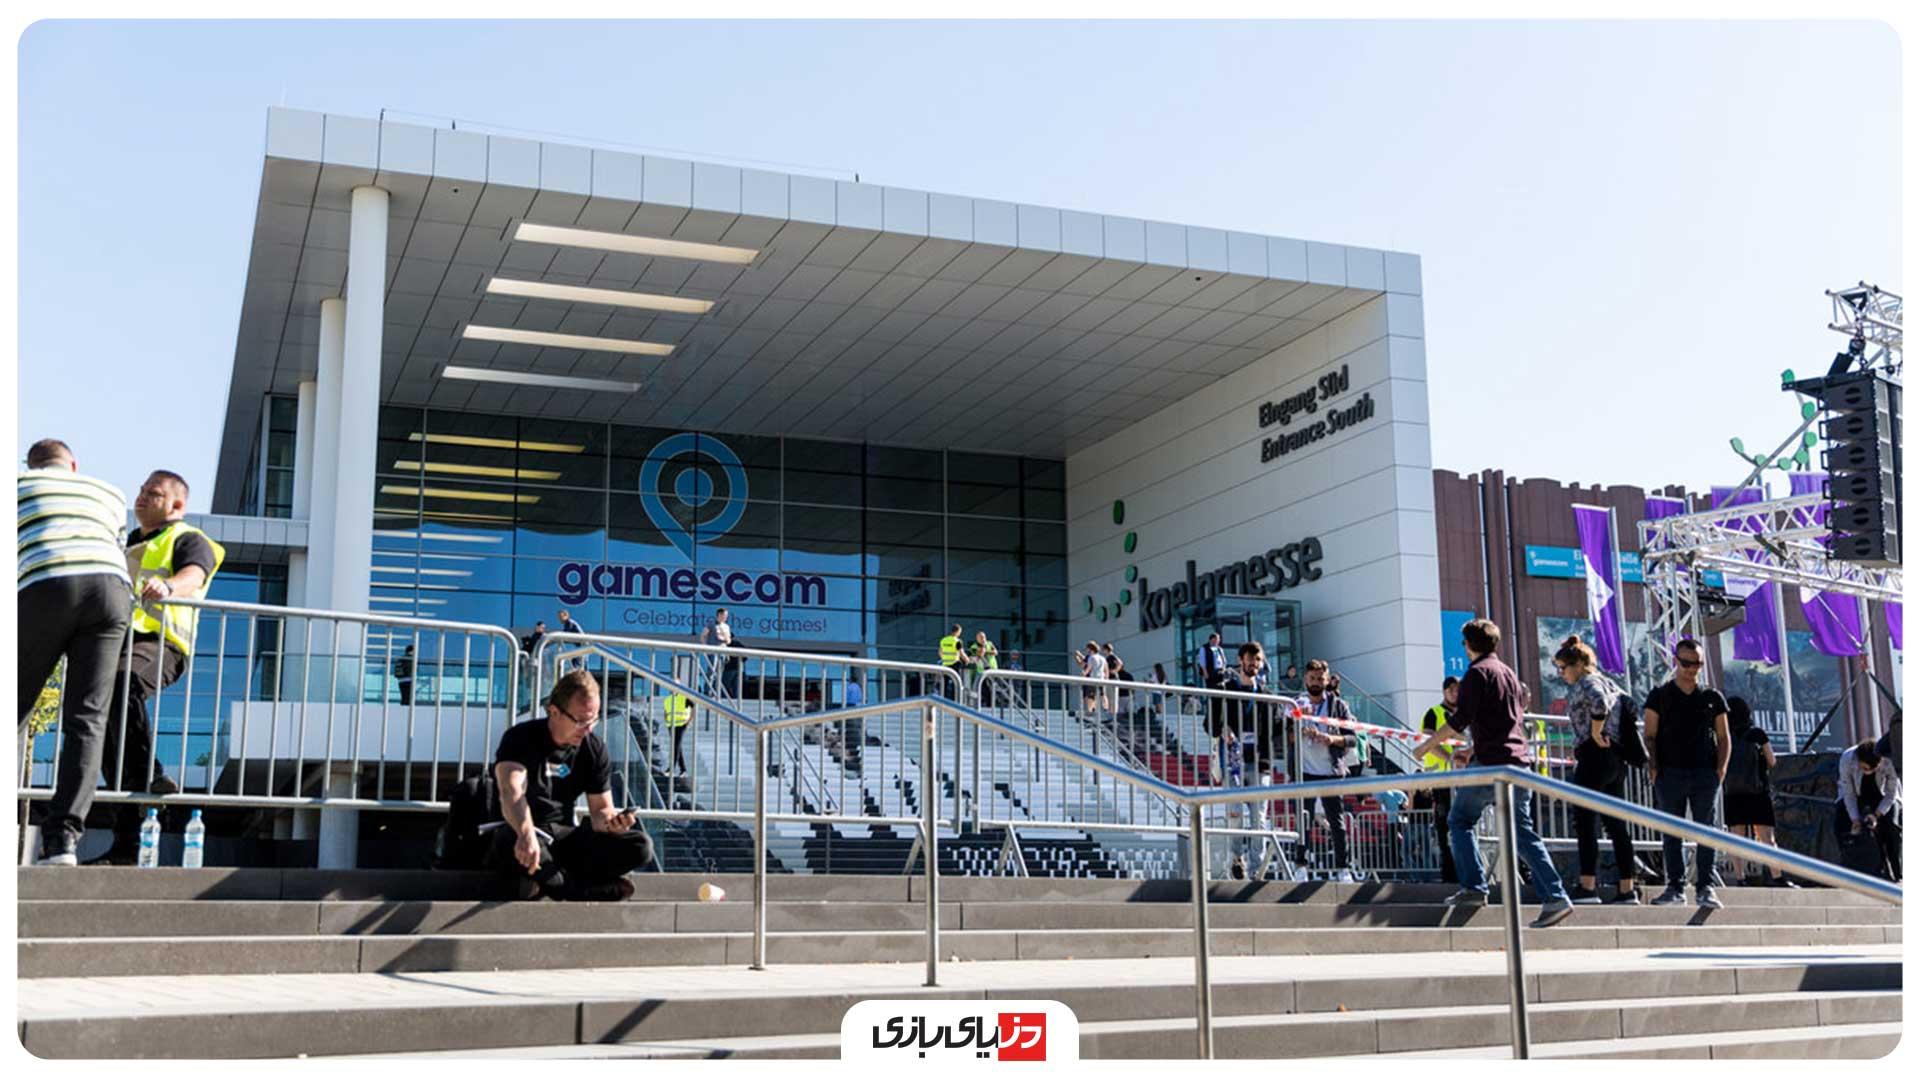 مراسم گیمزکام - مراسم گیمزکام 2020 - گیمزکام 2020 - Gamescom - Gamescom 2020 - مراسم Gamescom - Gamescom 2020 - دانلود گیمزکام 2020 - دانلود مراسم گیمزکام